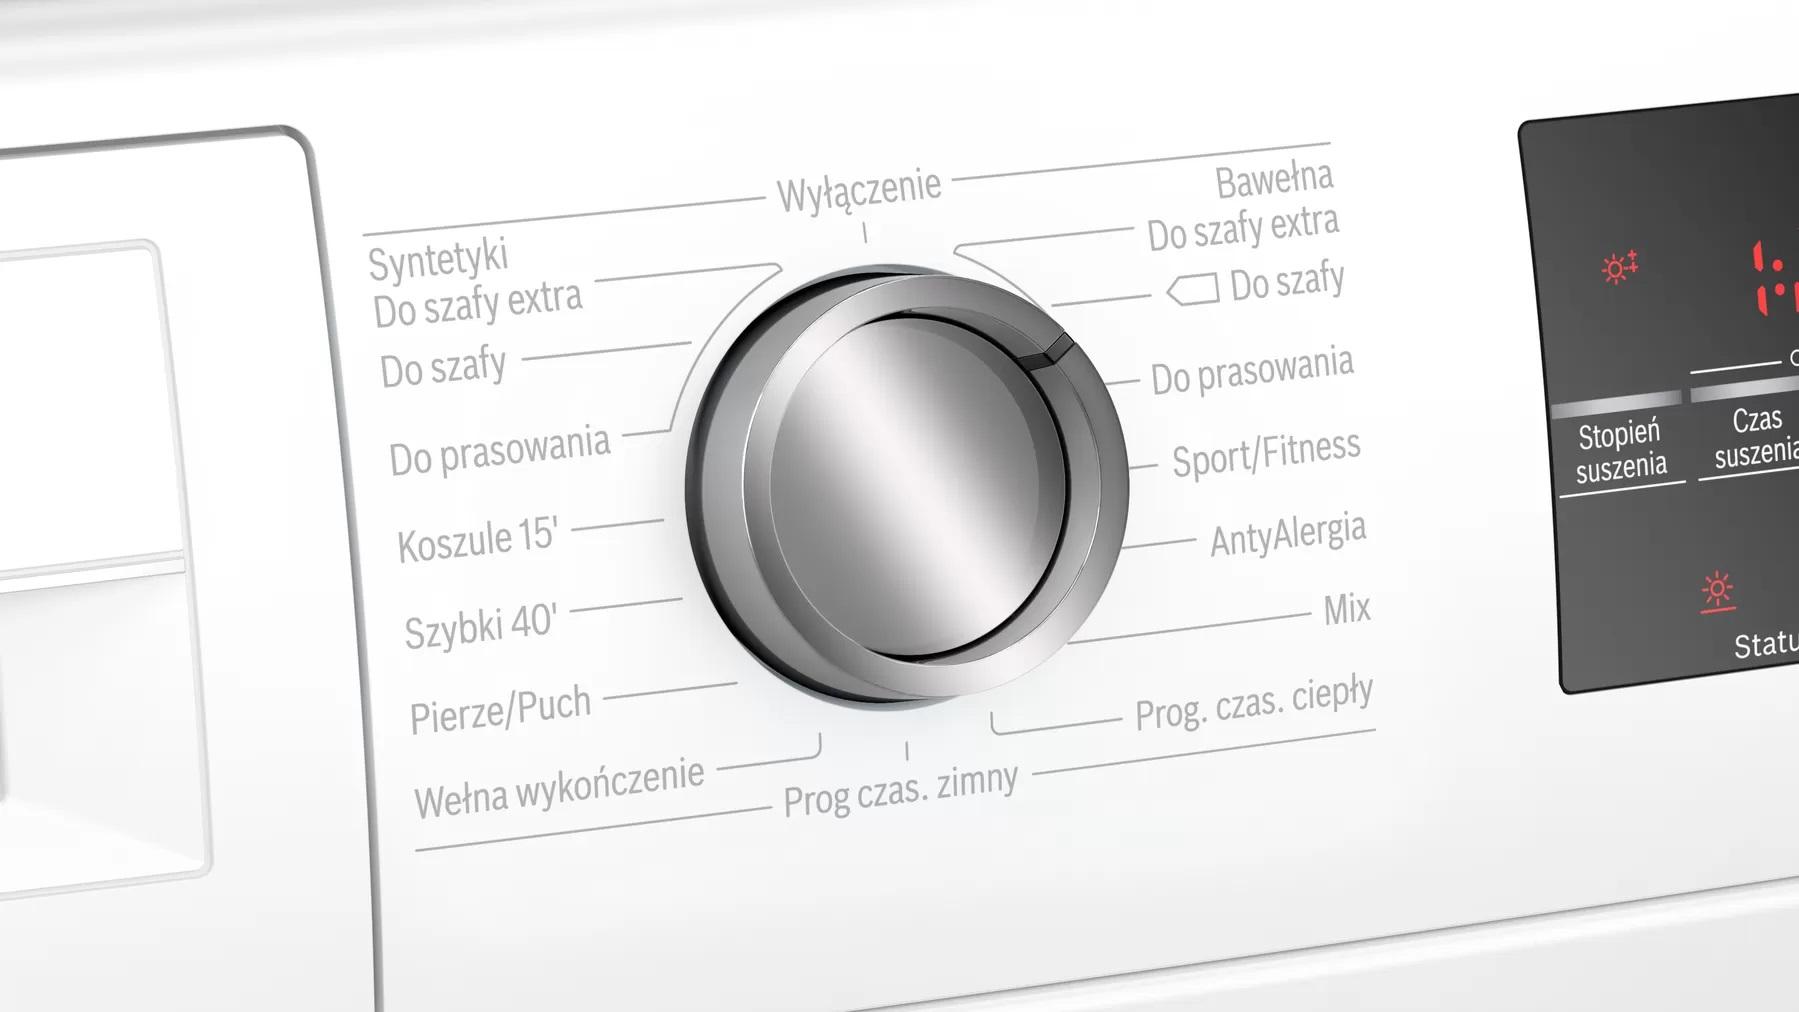 panel sterowania suszarki do prania Bosch